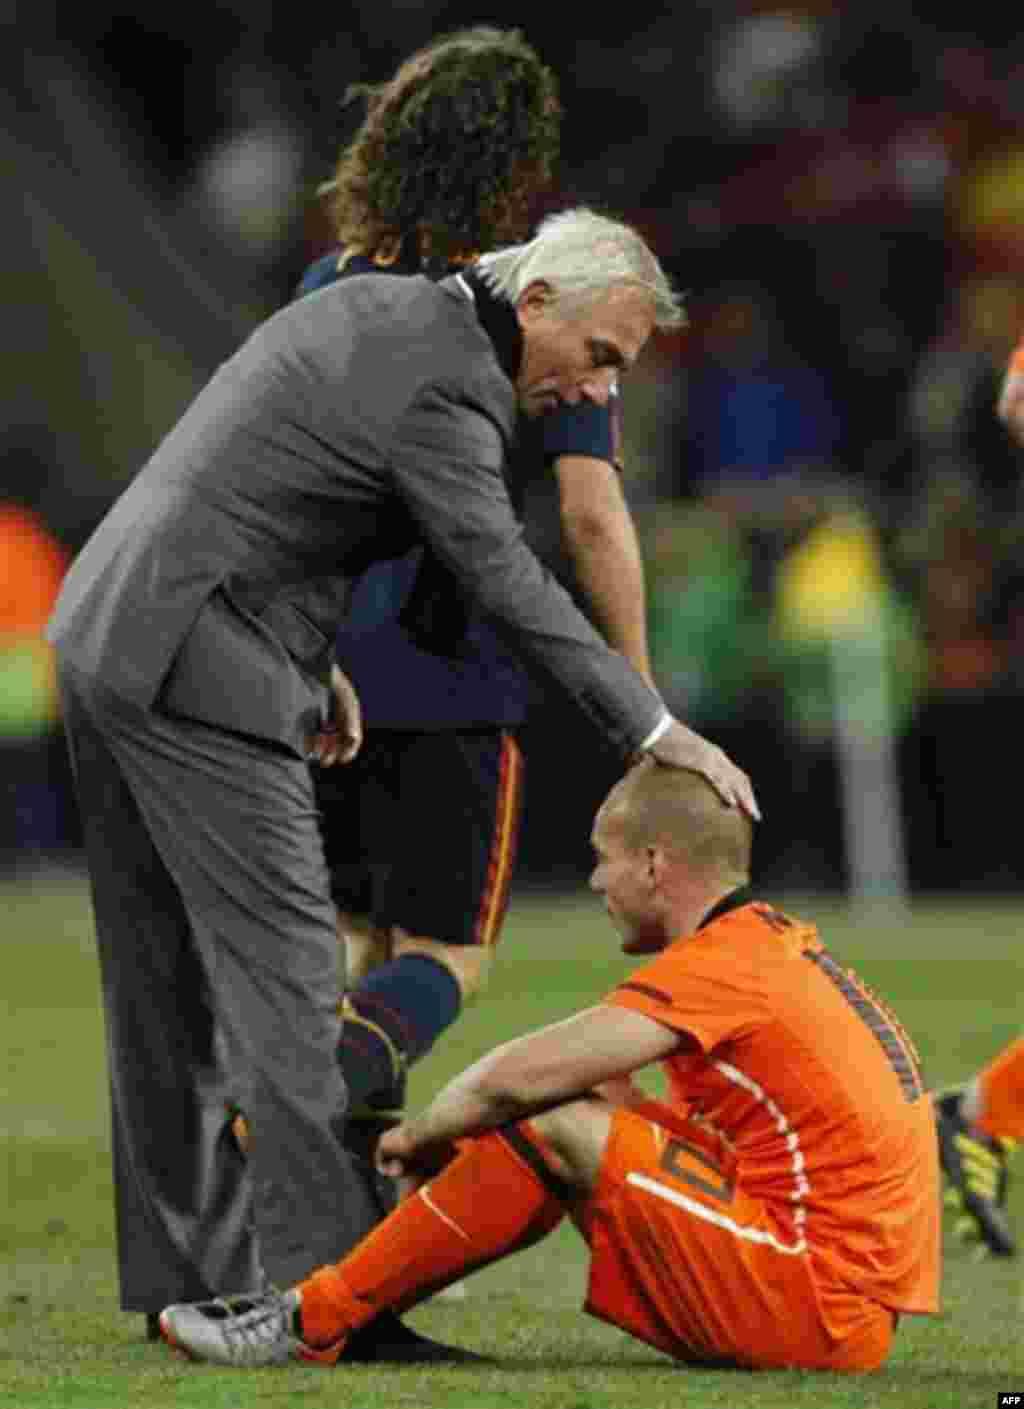 Главный тренер сборной Нидерландов Берт ван Марвик, слева, утешает Уэсли Снайдера после финала Кубка